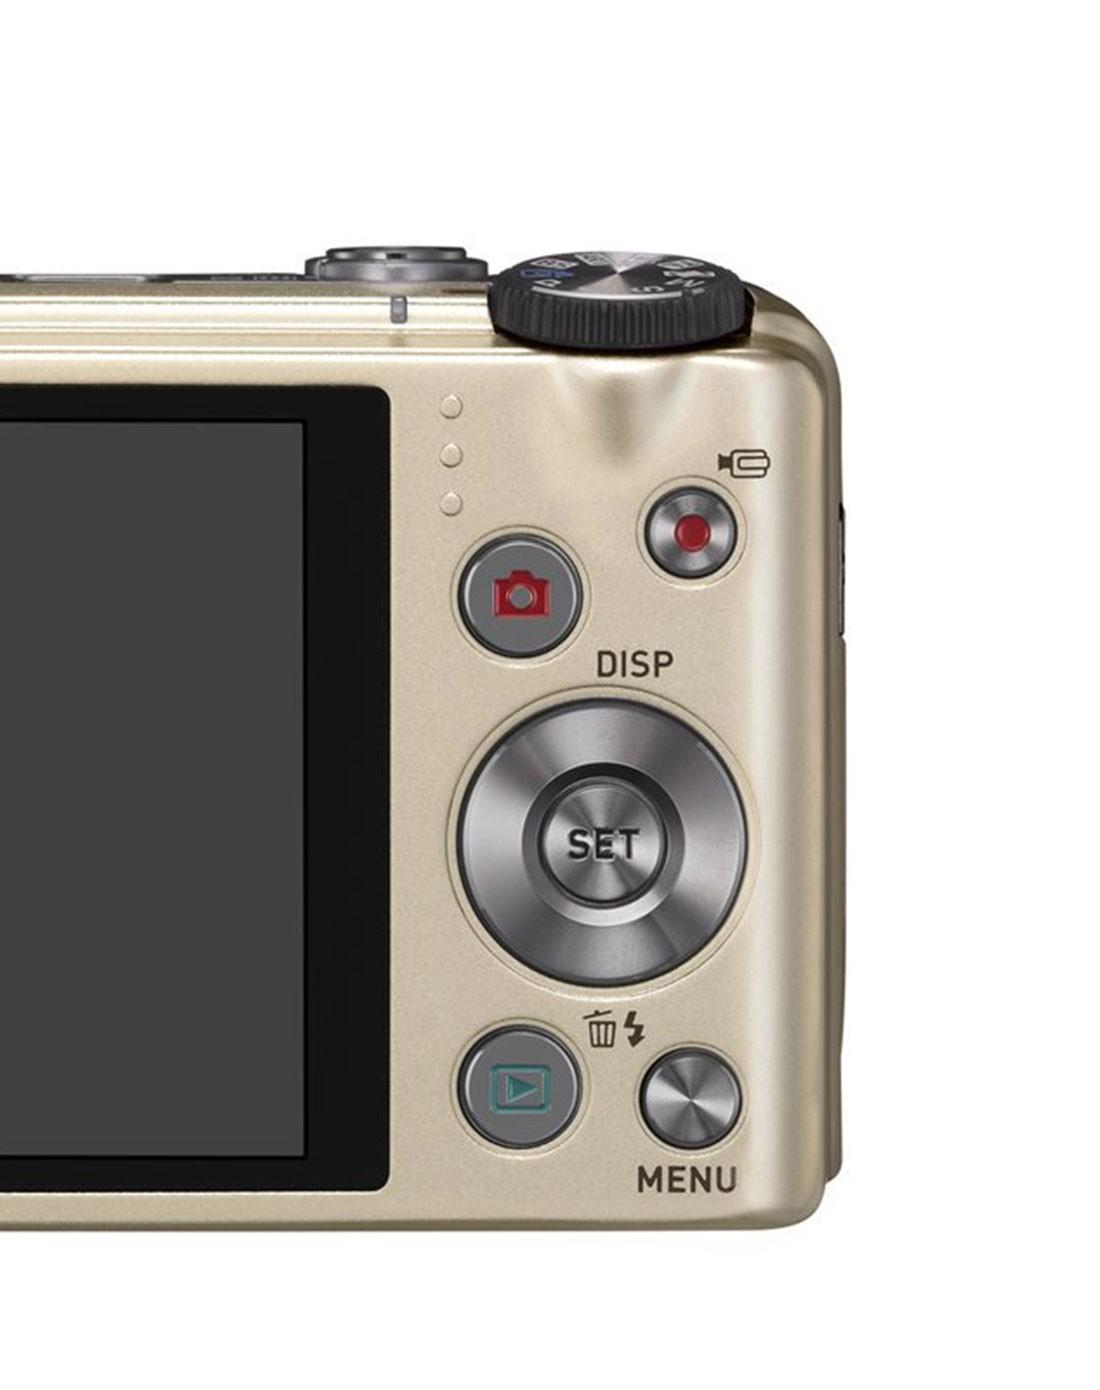 2019日本相机排行榜_收藏级 X100经典富士新机上市